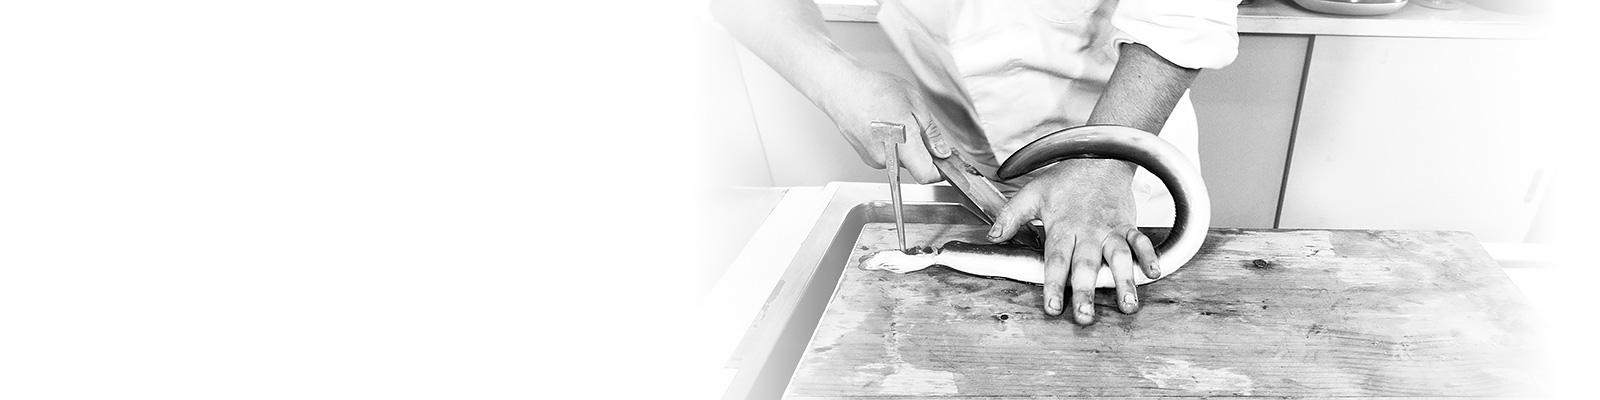 食文化 うなぎ 調理 イメージ